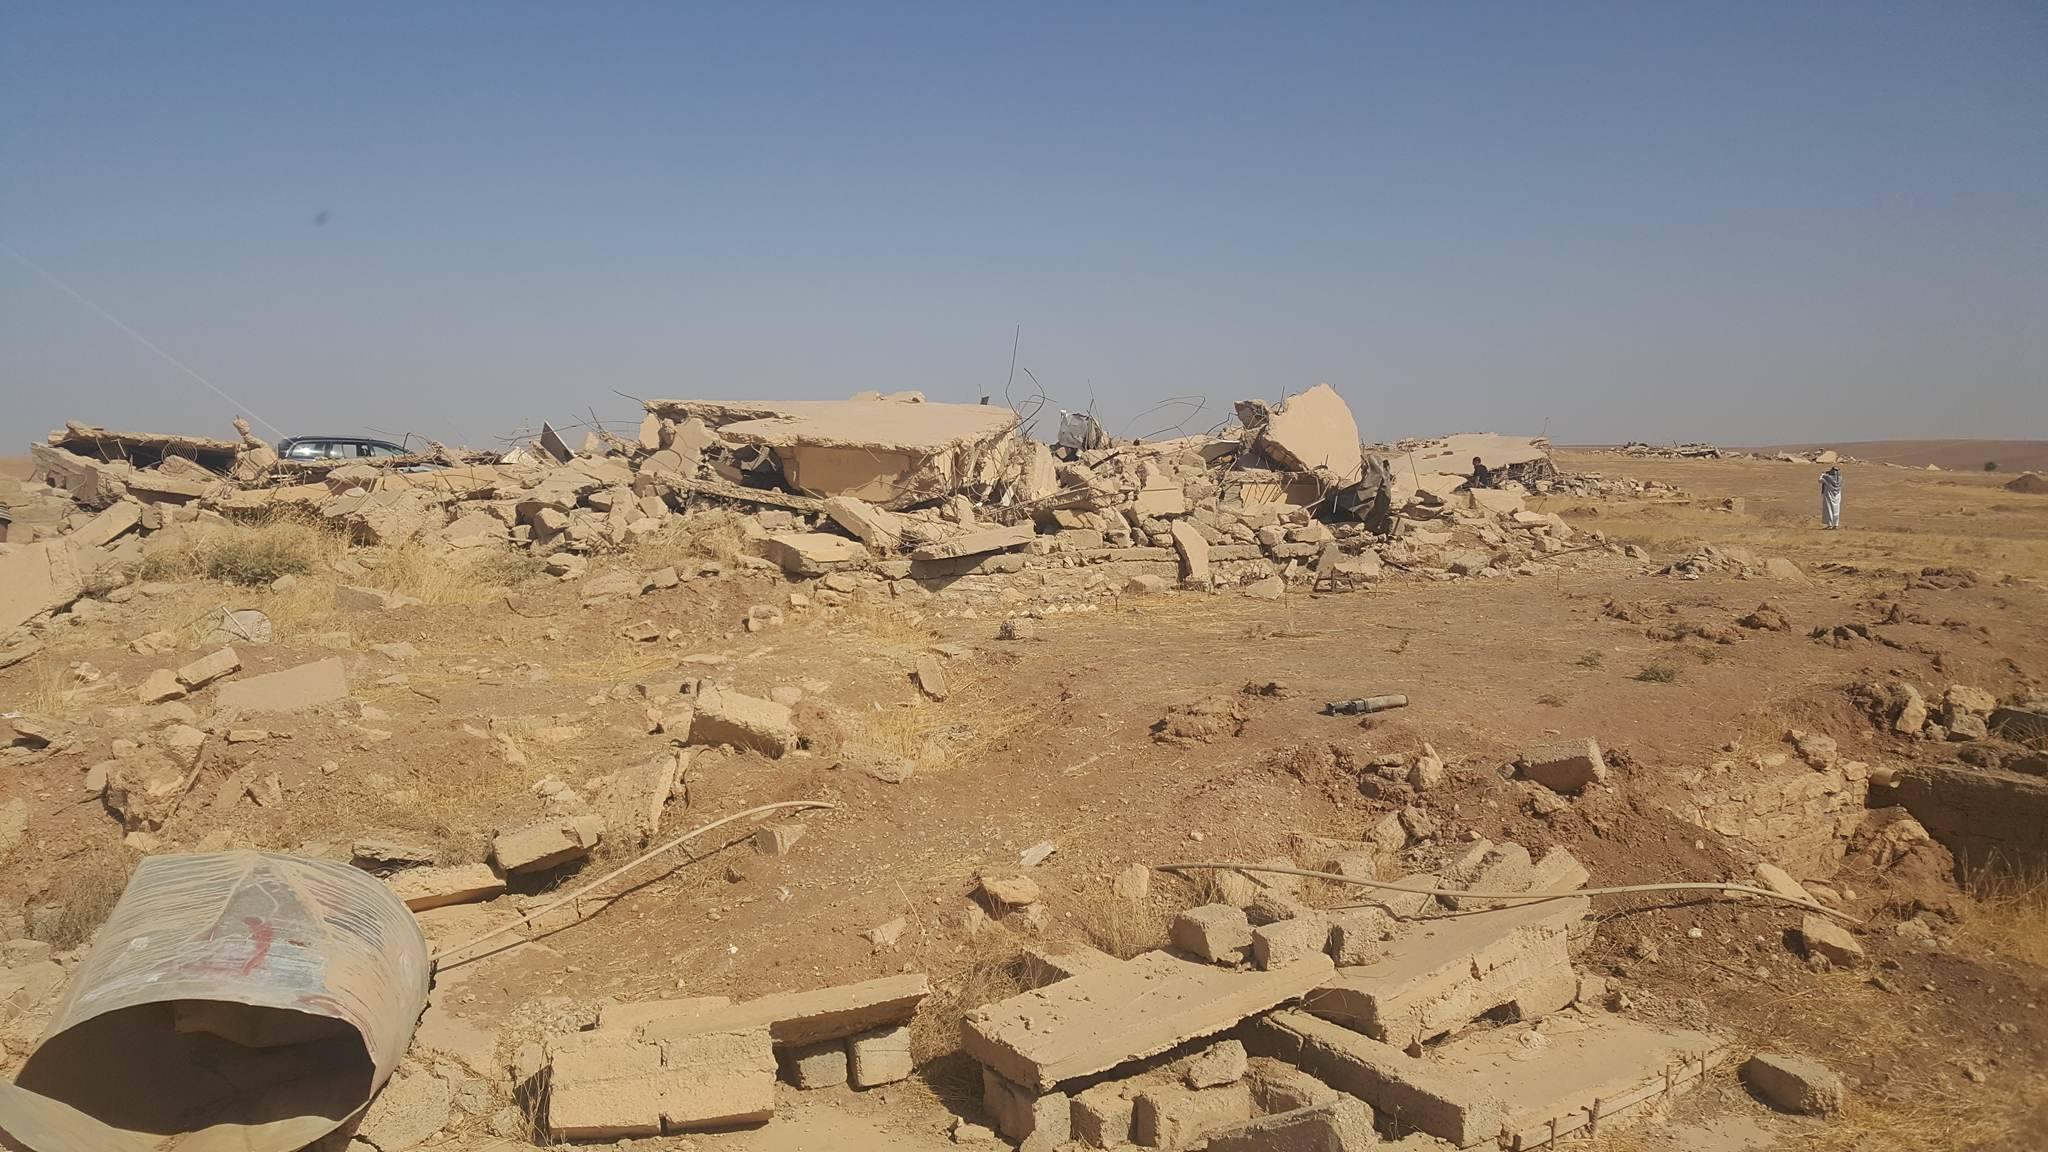 قرية سيمحلة على طريق سد الموصل من قرى قبيلة السادة الحديديين تم تجريف القرية بالكامل من قبل بيشمركة البرزاني.